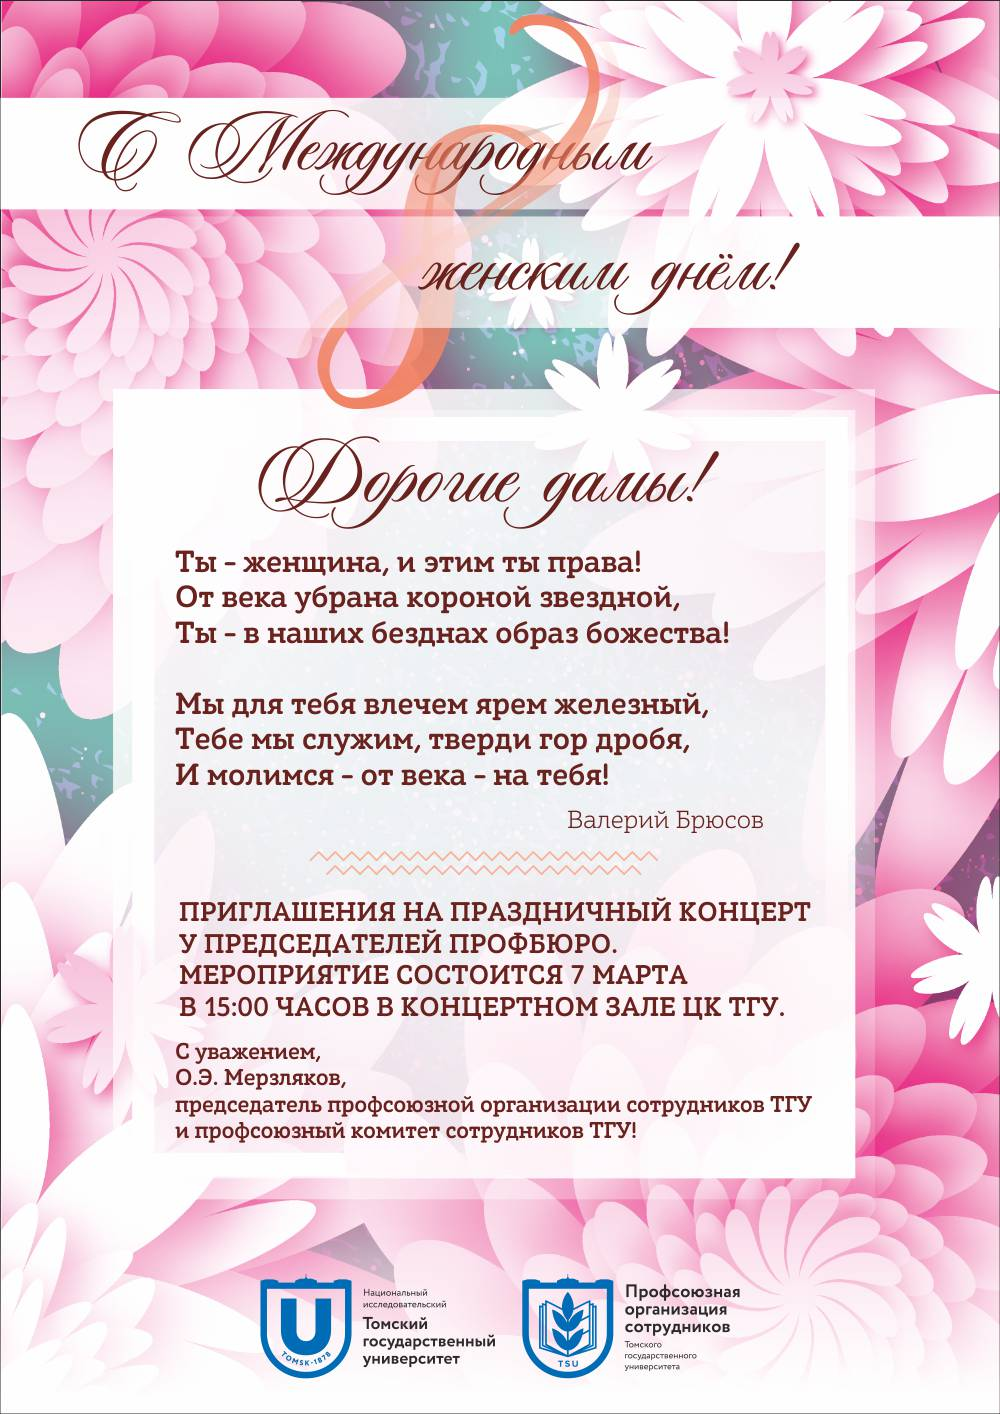 плакат А3_8 марта 2018